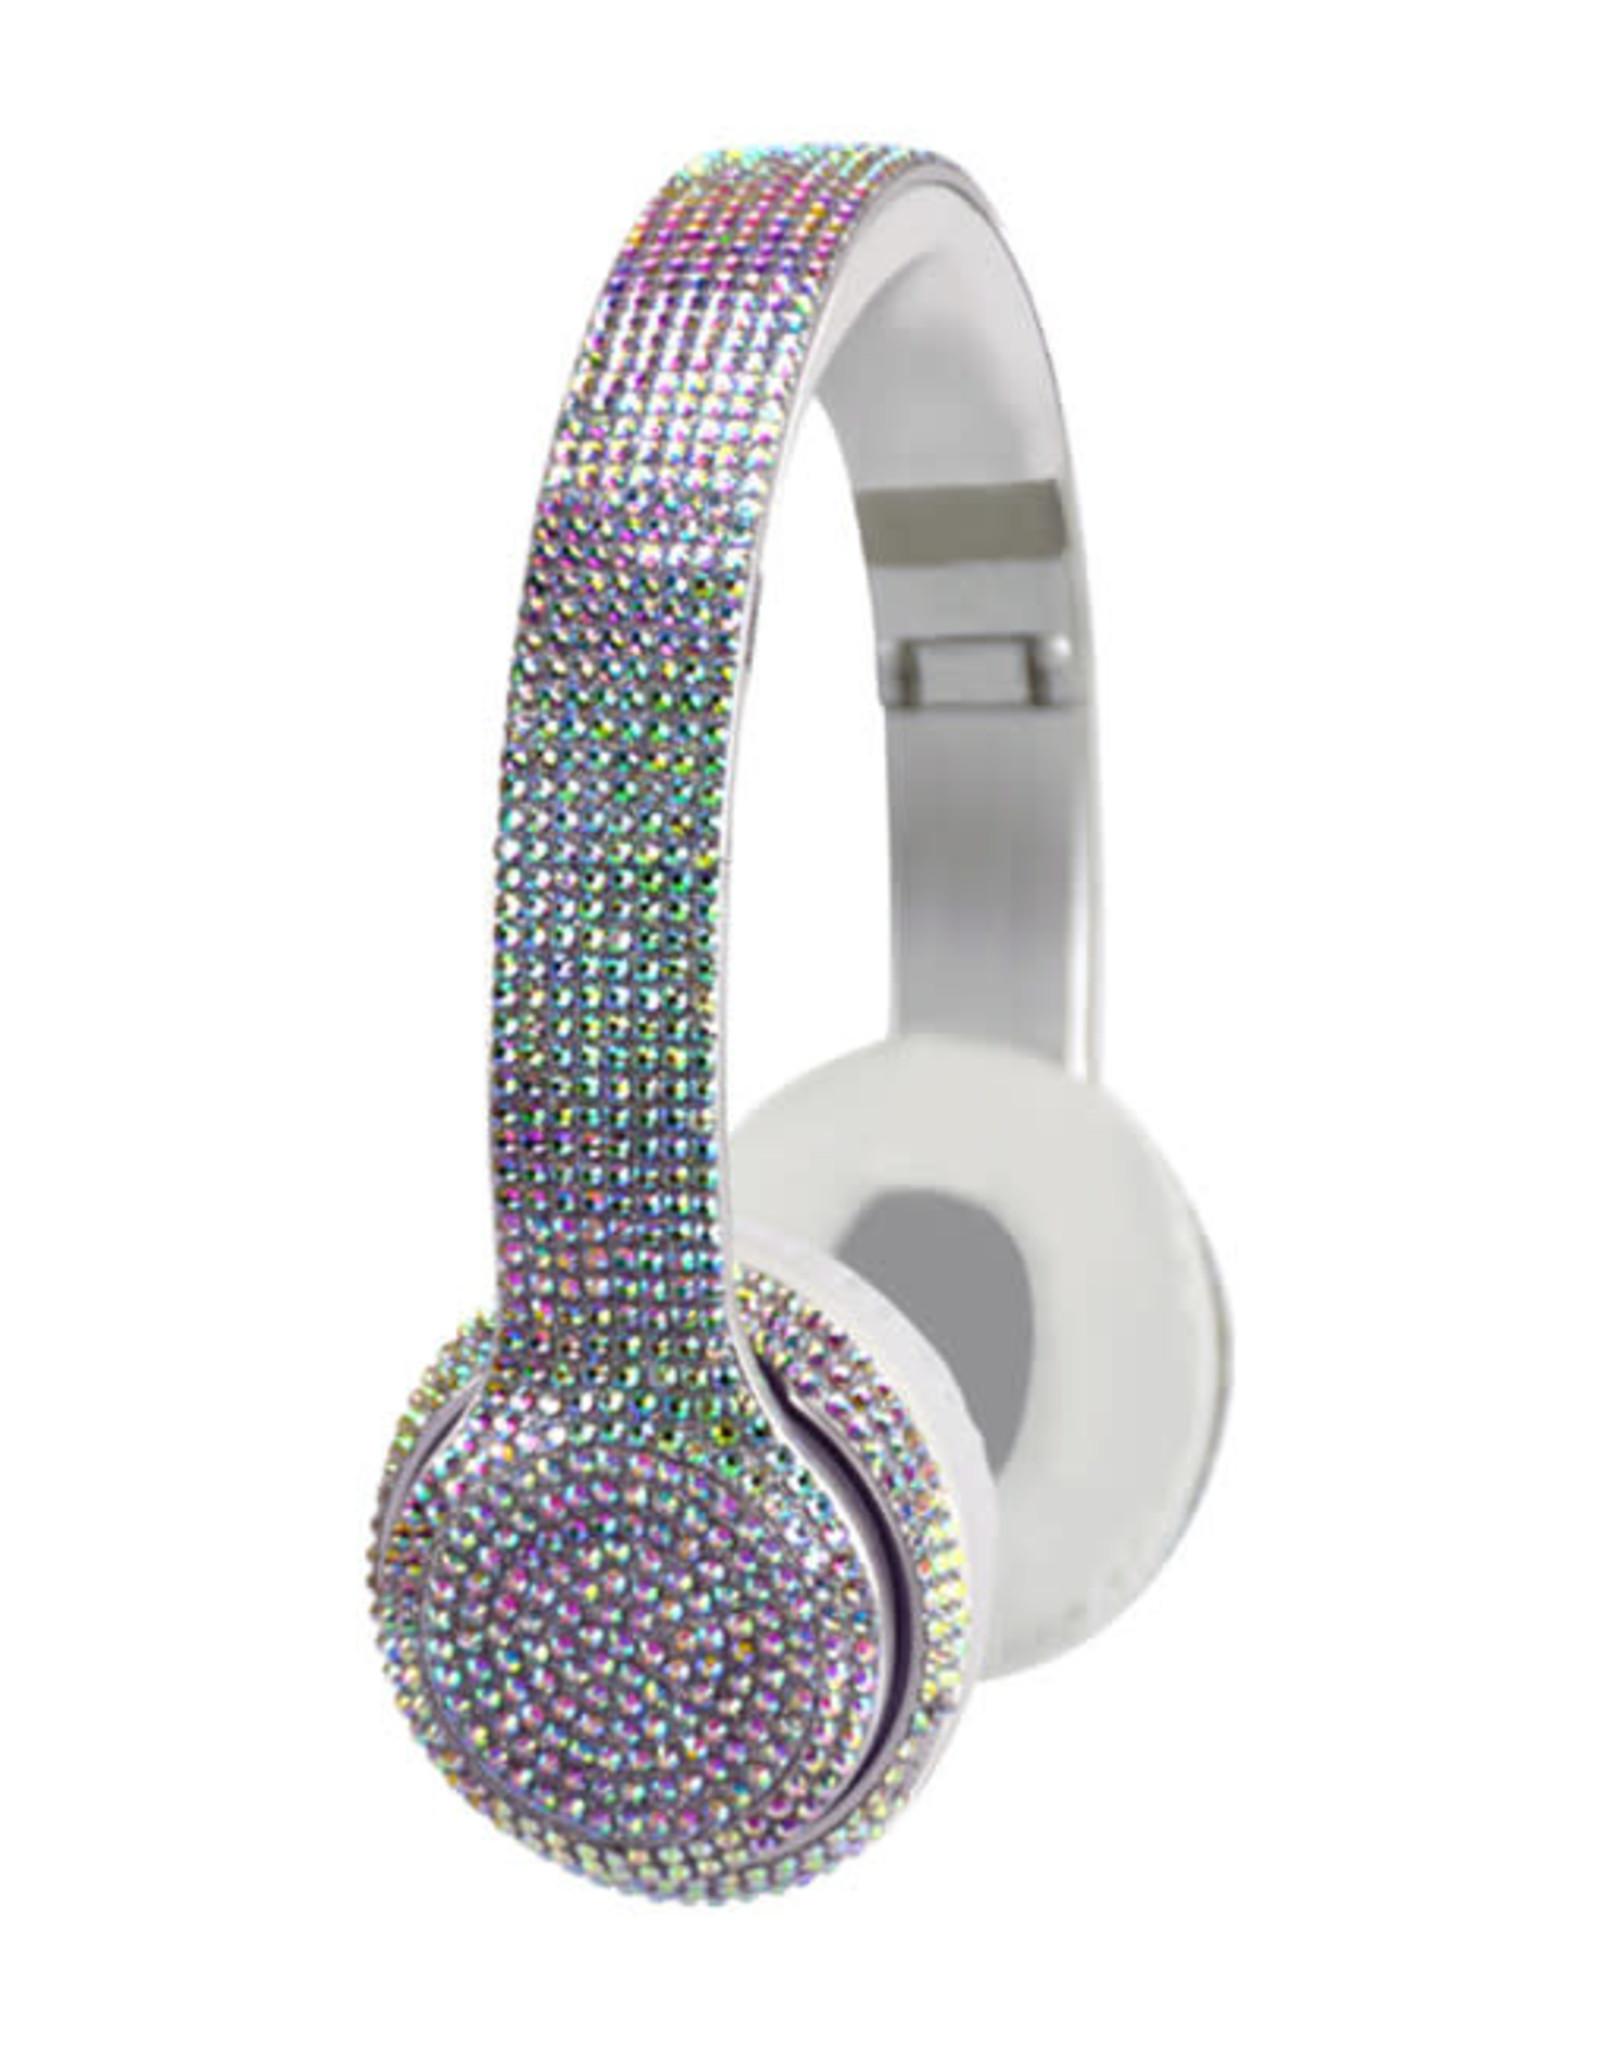 Wireless Express Bluetooth Bling Headphone Iridescent